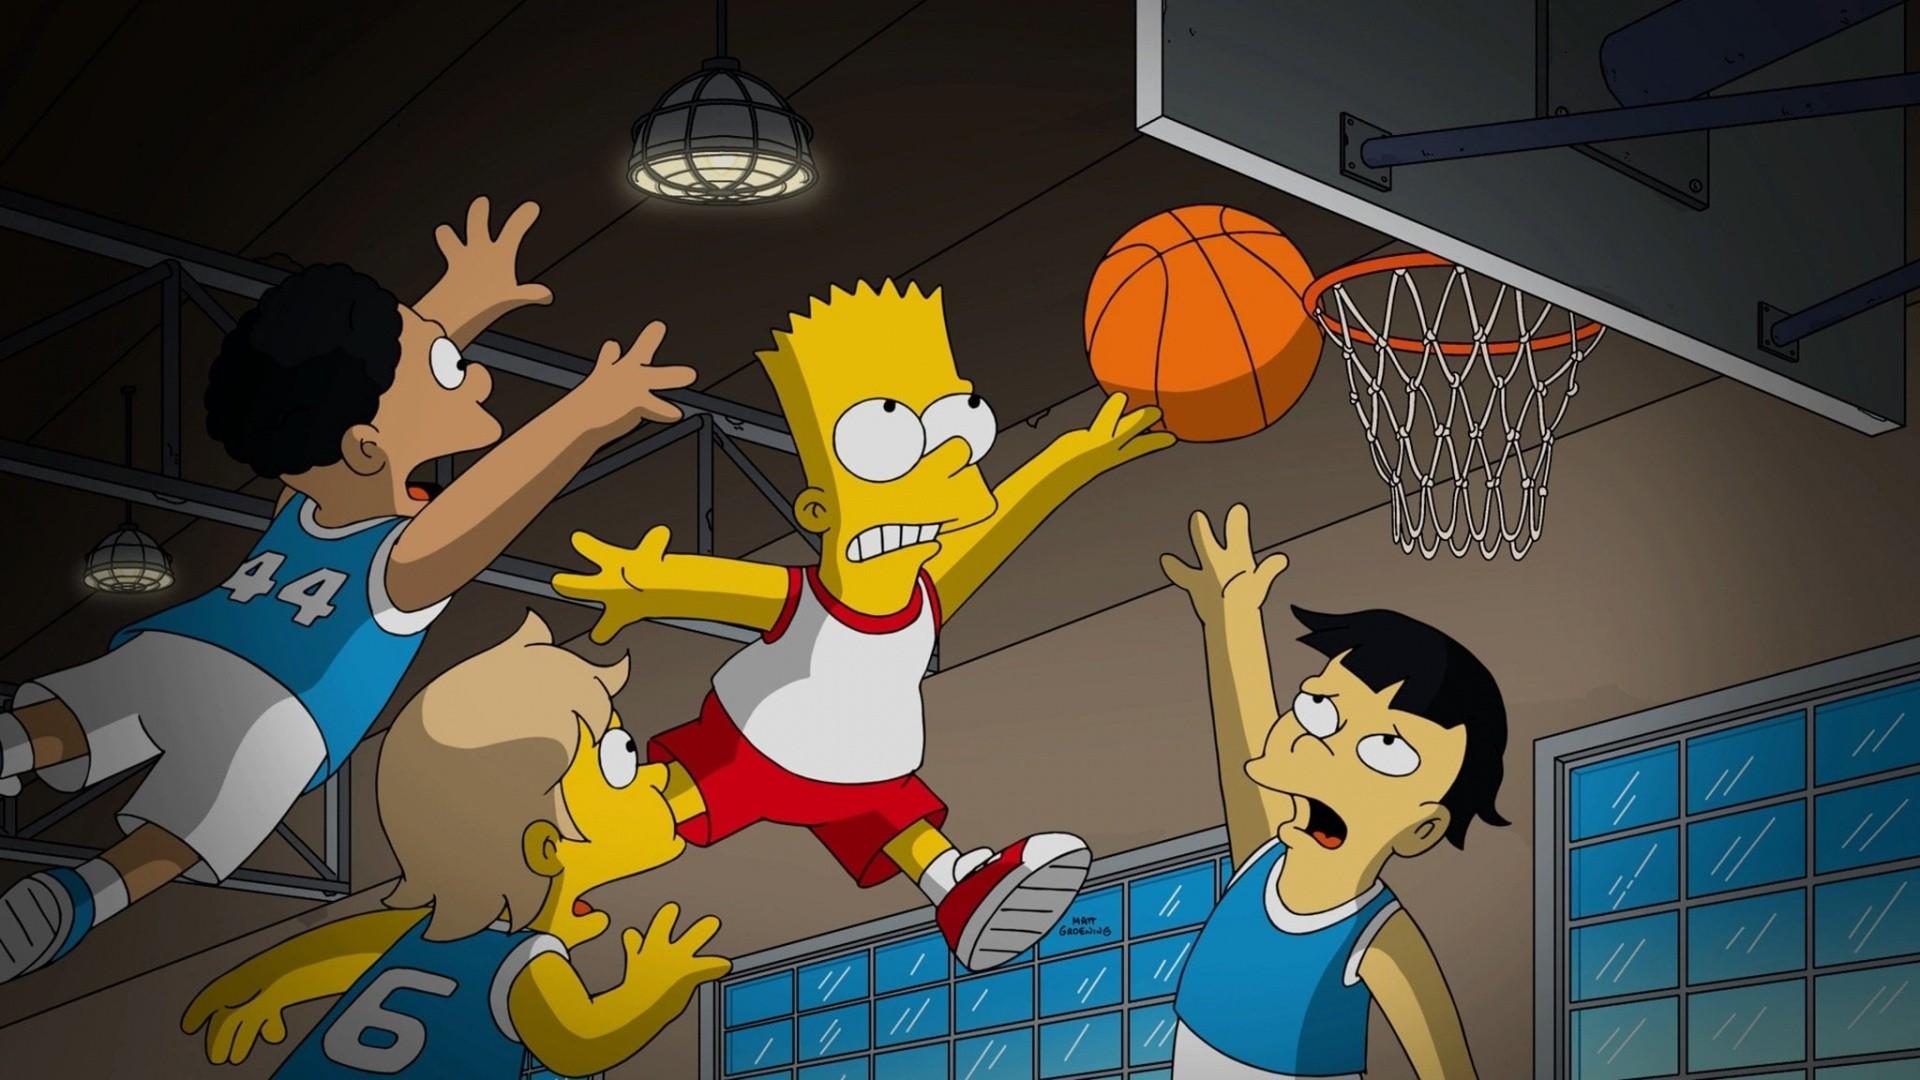 Cartoon Basketball Background Wallpaper